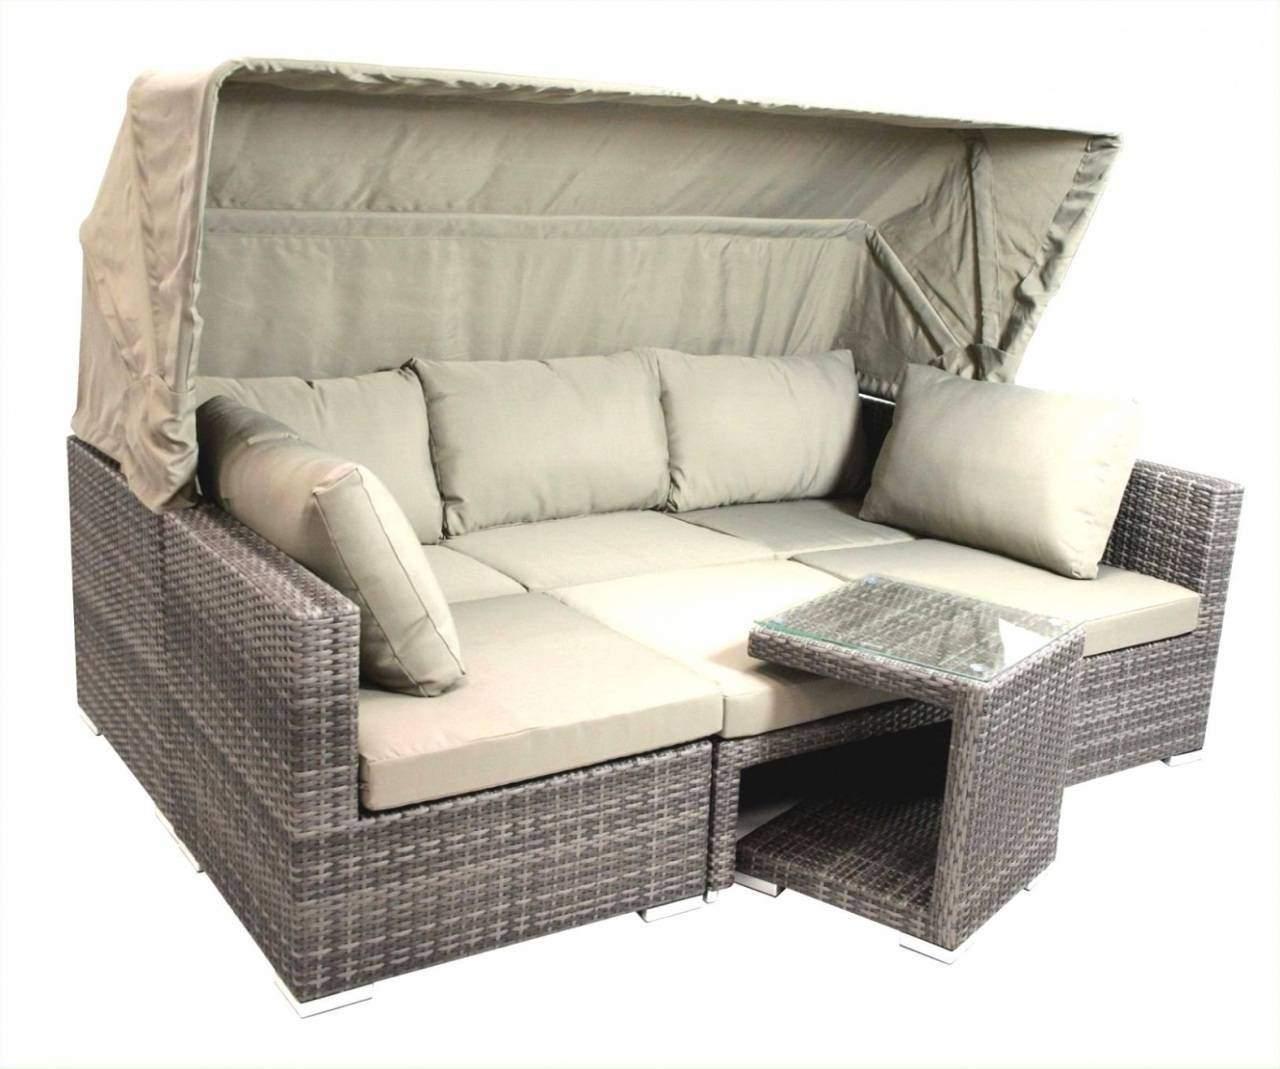 wohnzimmer deko online shop luxus wohnzimmer deko line shop frisch super wohnzimmer of wohnzimmer deko online shop